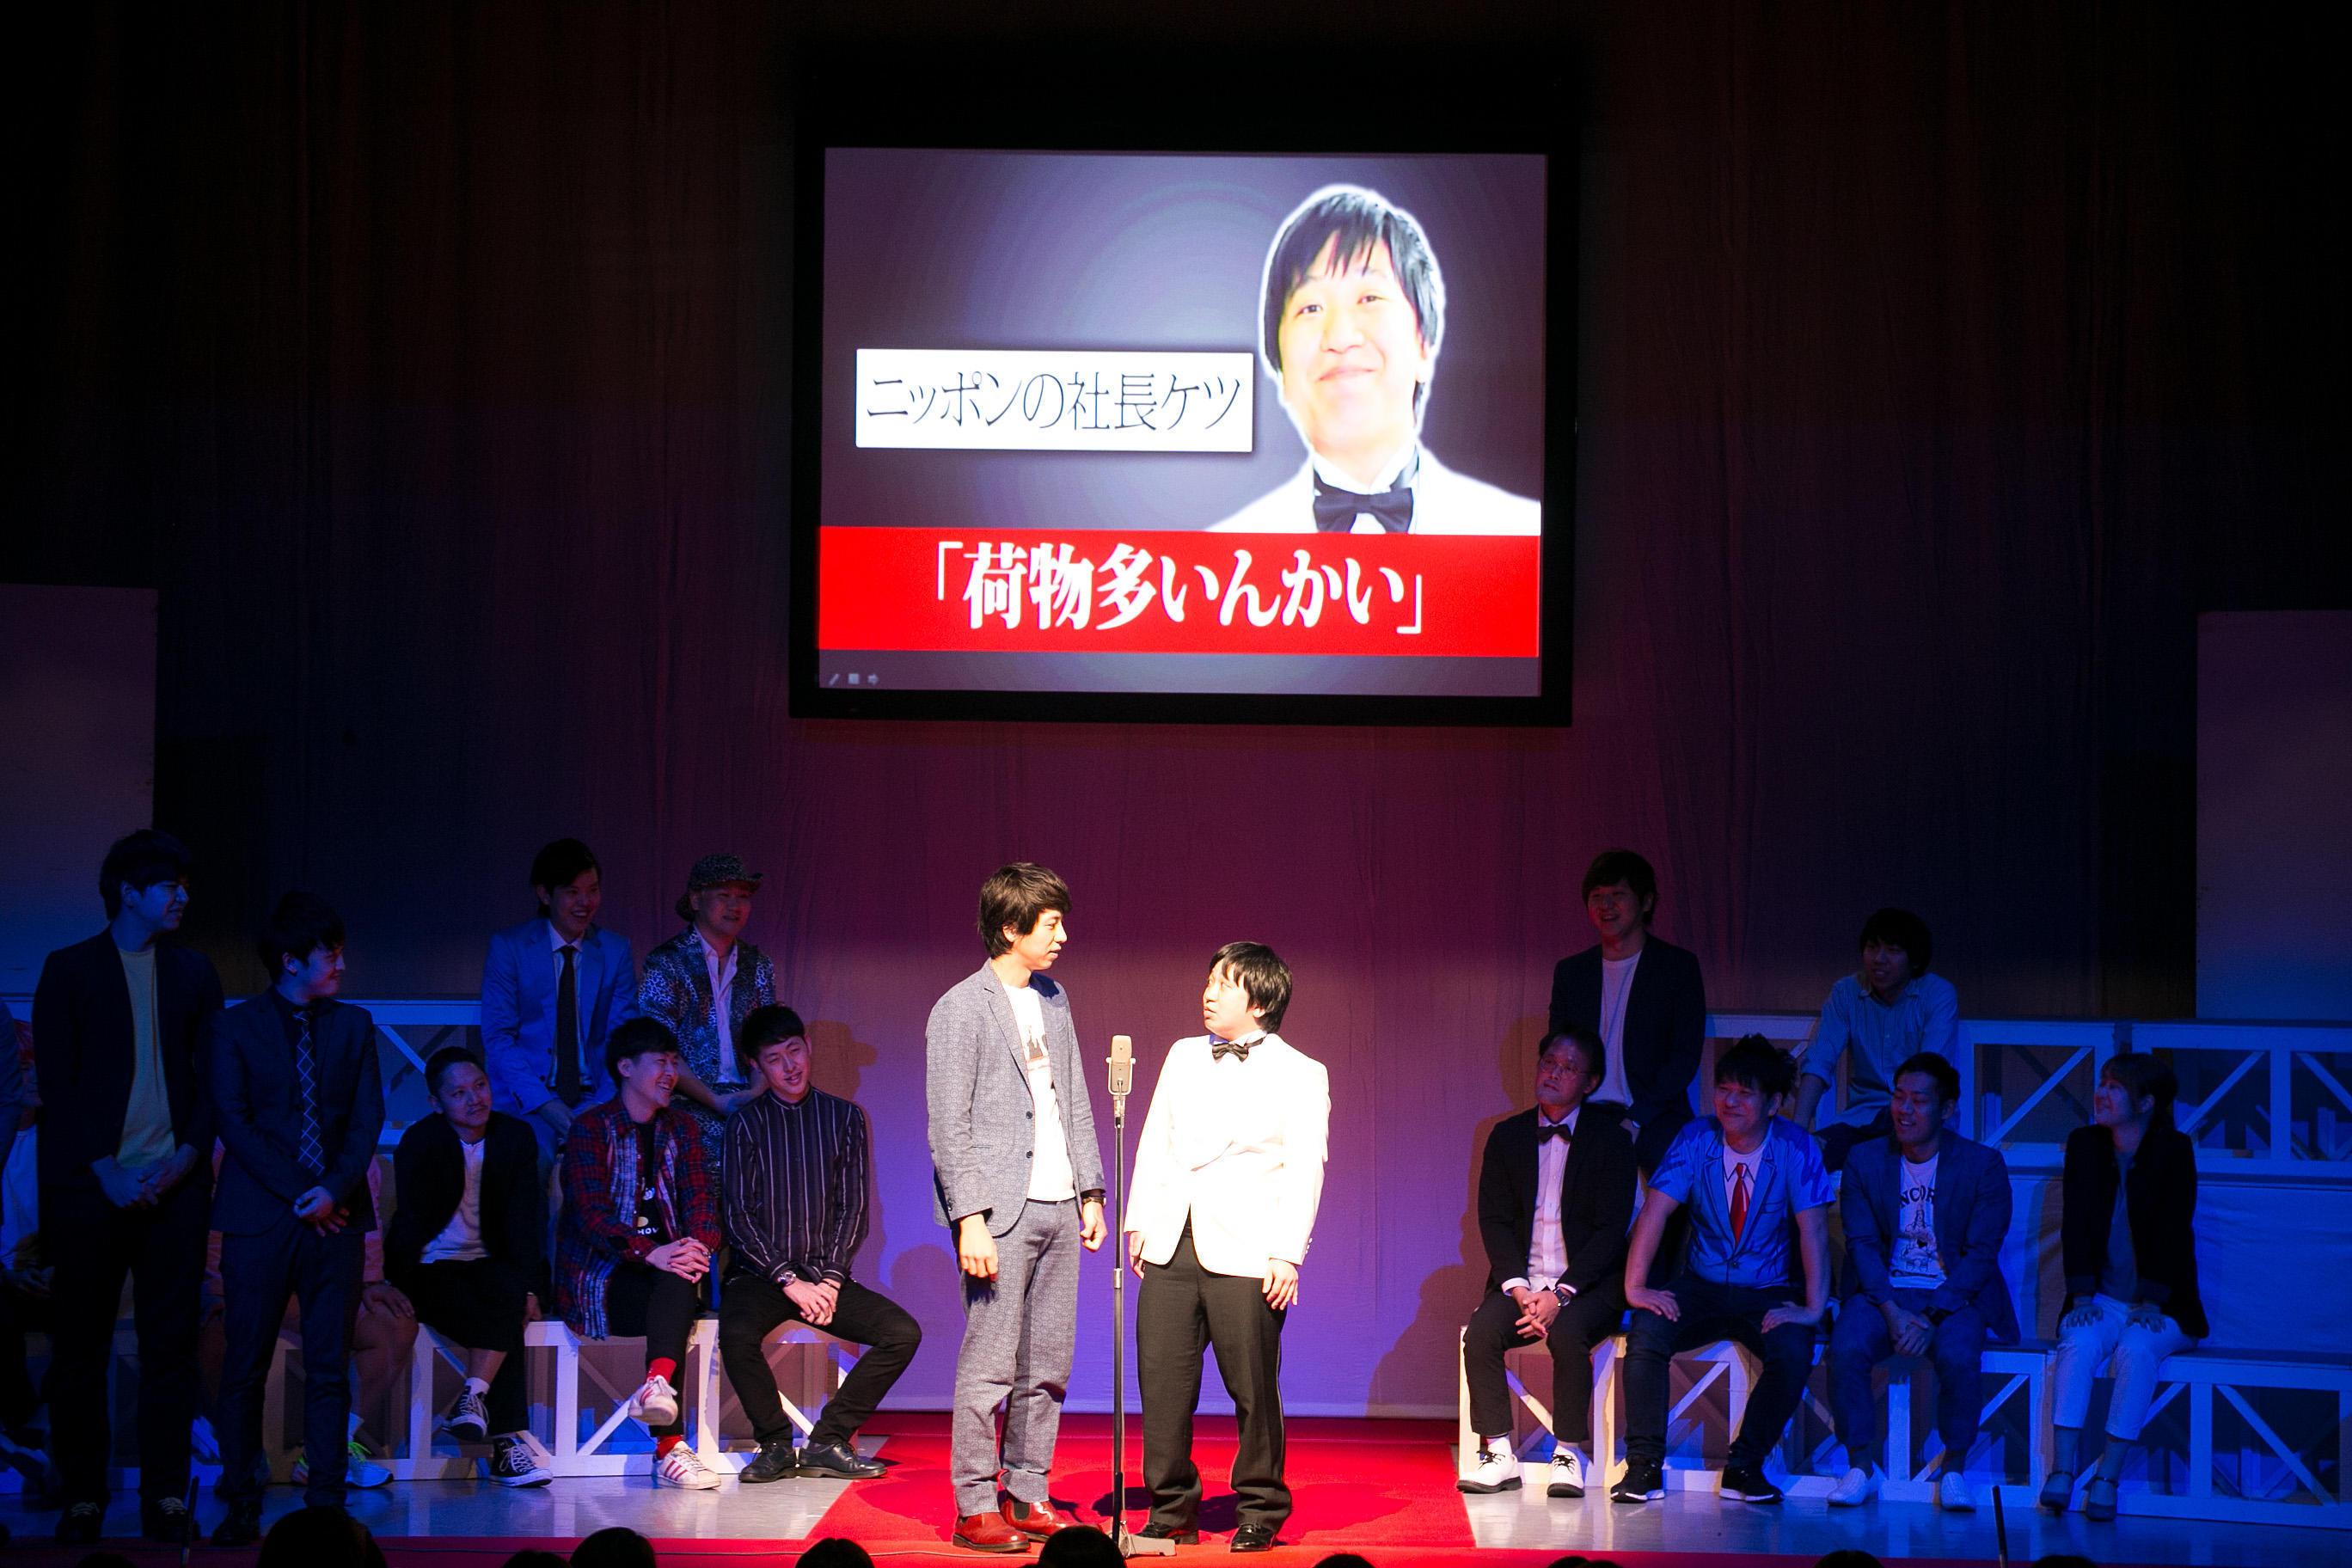 http://news.yoshimoto.co.jp/20181228111622-56c3179c21f10ed5e512357afbf9d651be5d375b.jpg